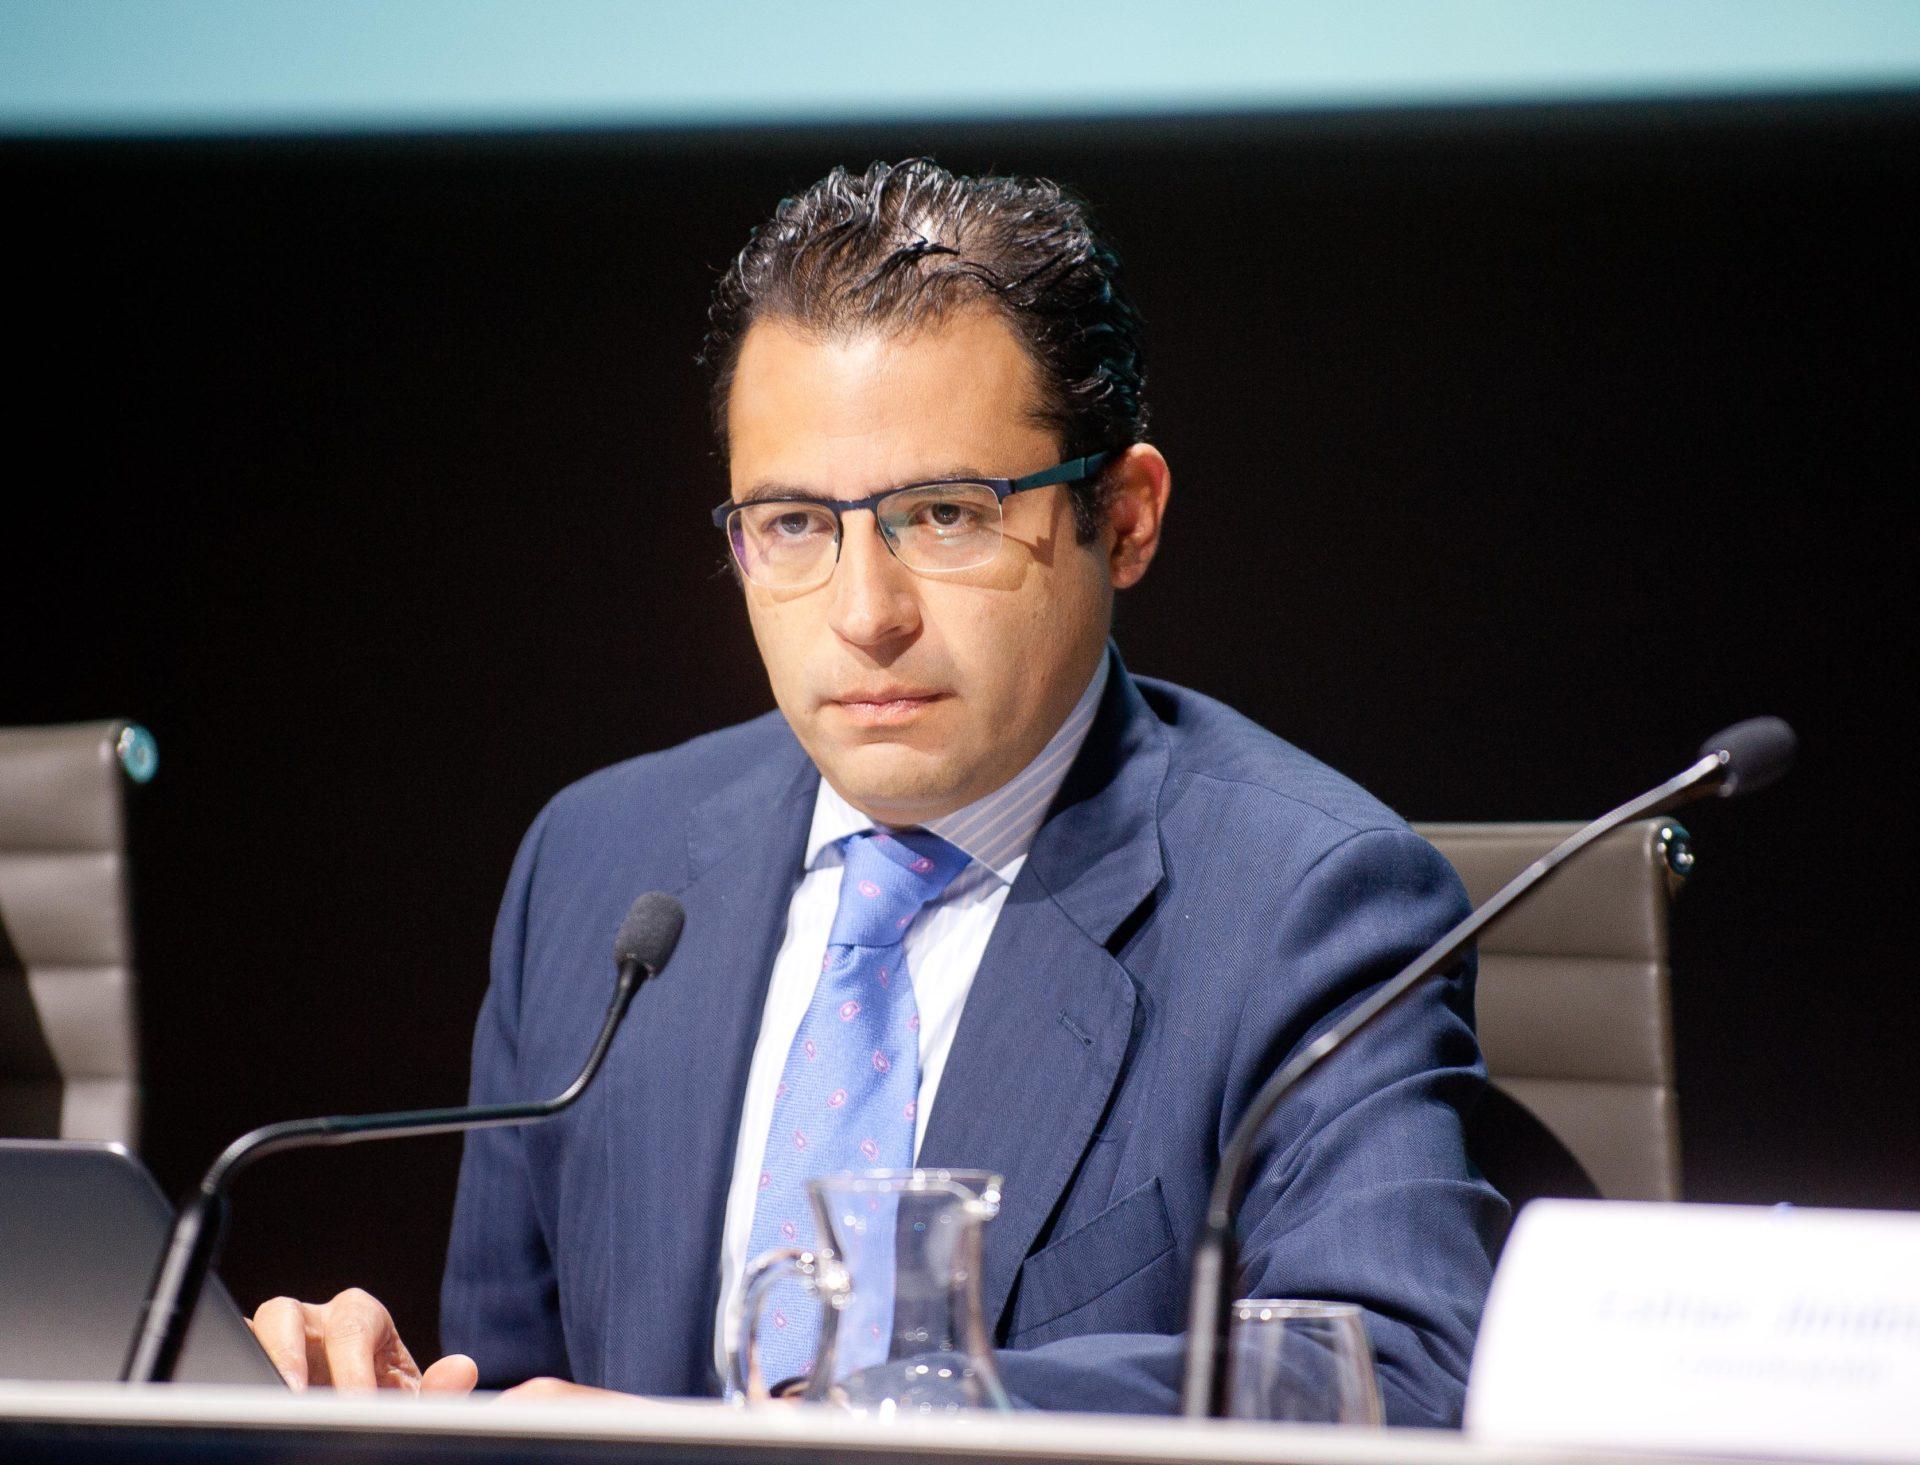 Miguel Cardoso - Presentación Situación España 4T16, BBVA Research